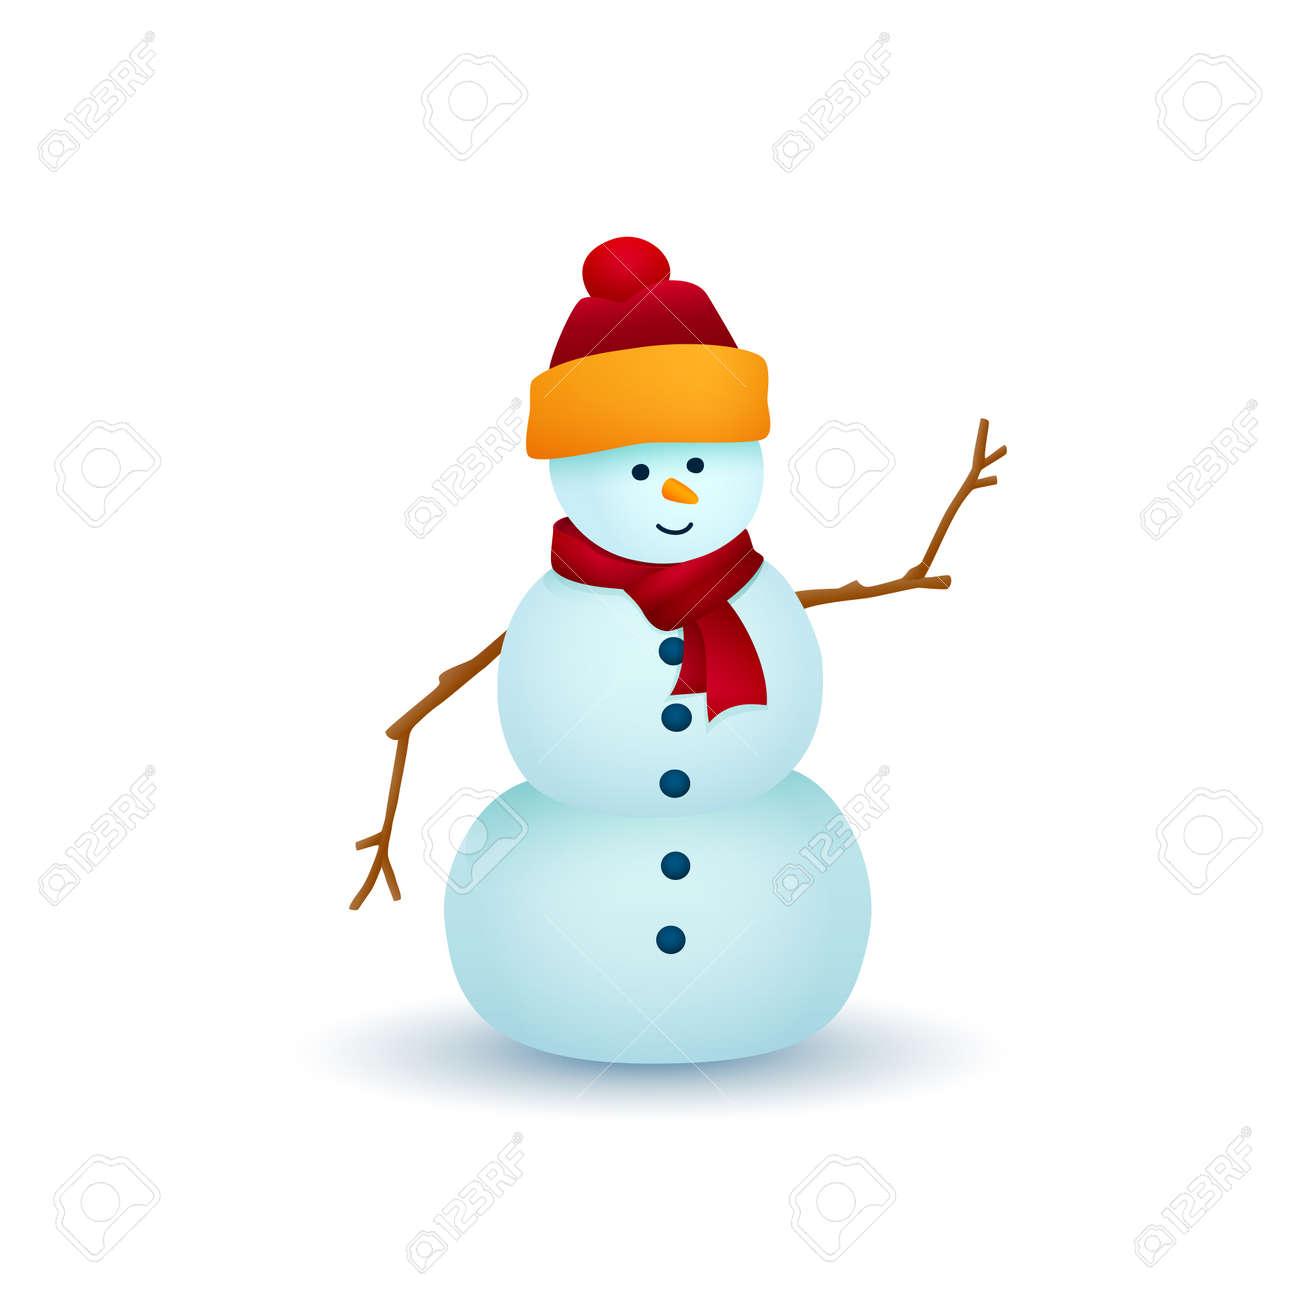 Weihnachtsschneemann Getrennt Auf Weißem Hintergrund, Weiße ...